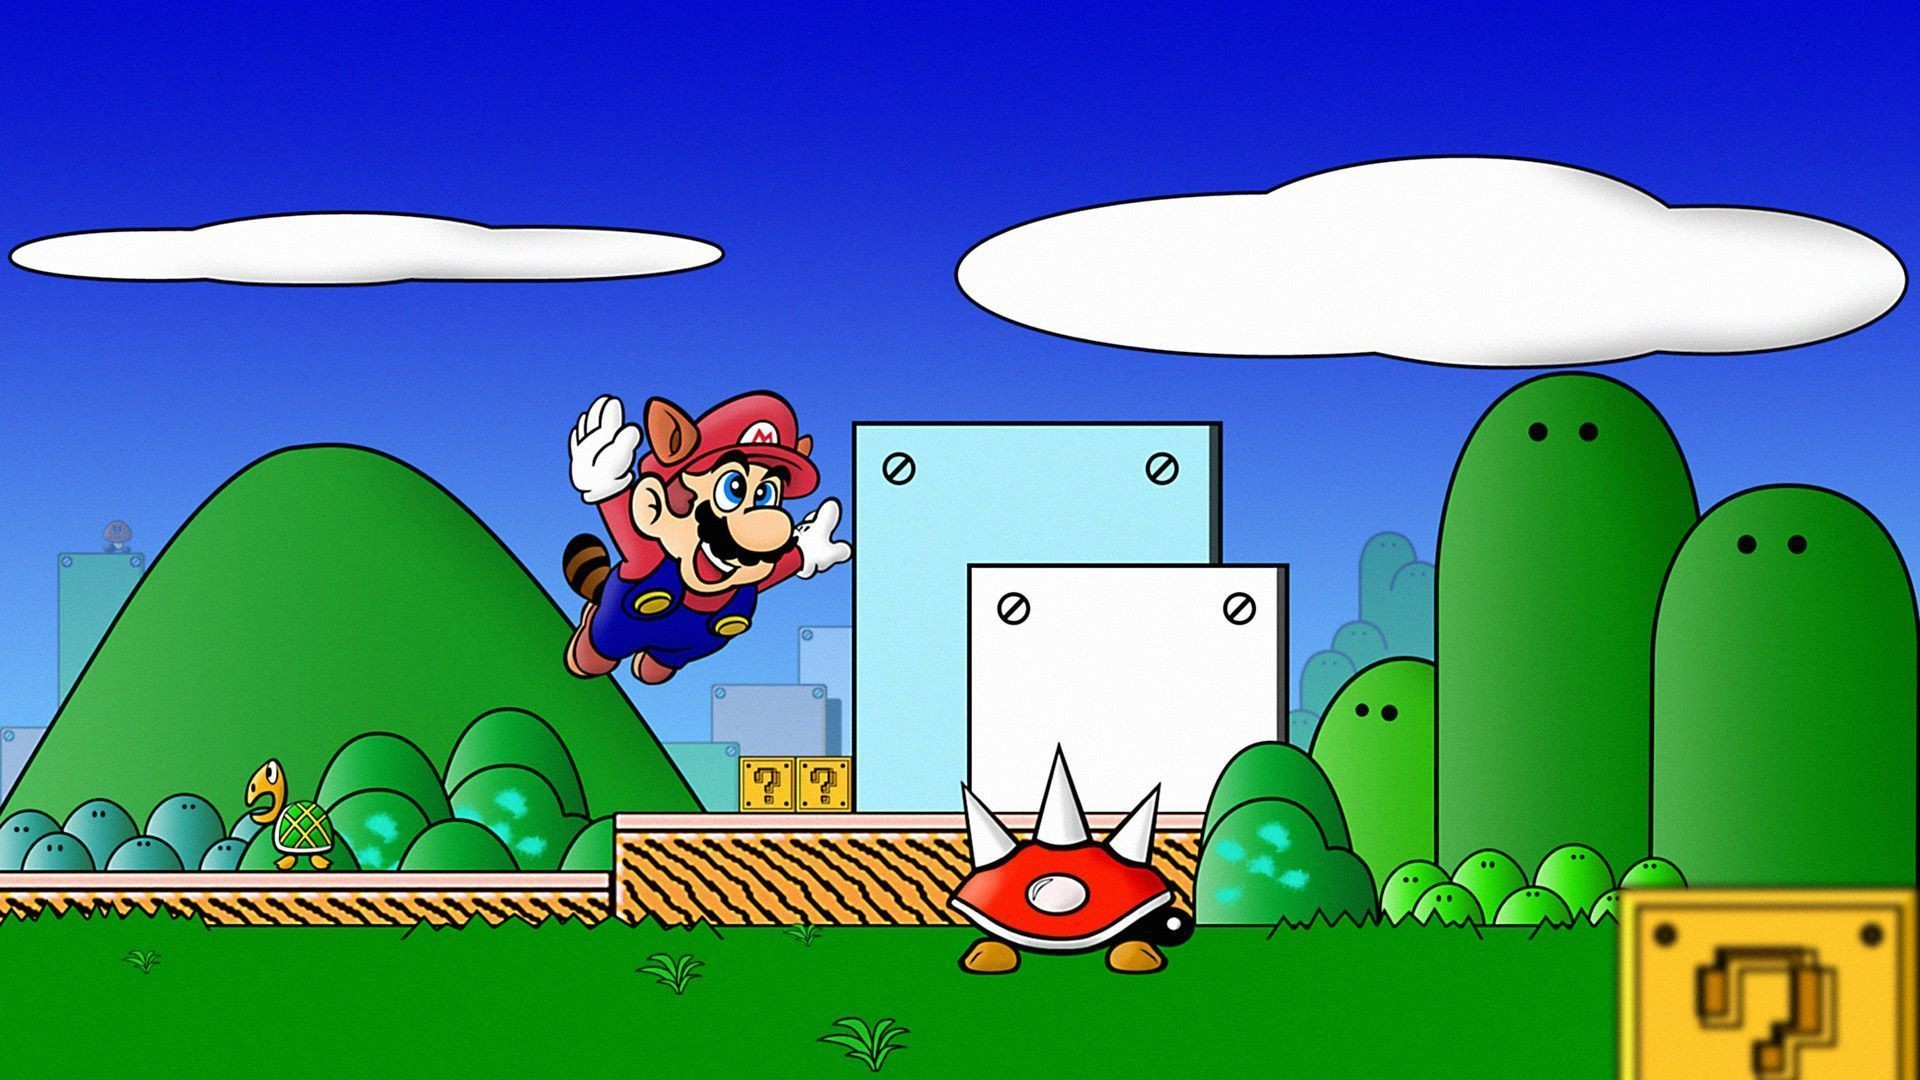 Super mario 3d world design ideas super mario hd wallpaper games .